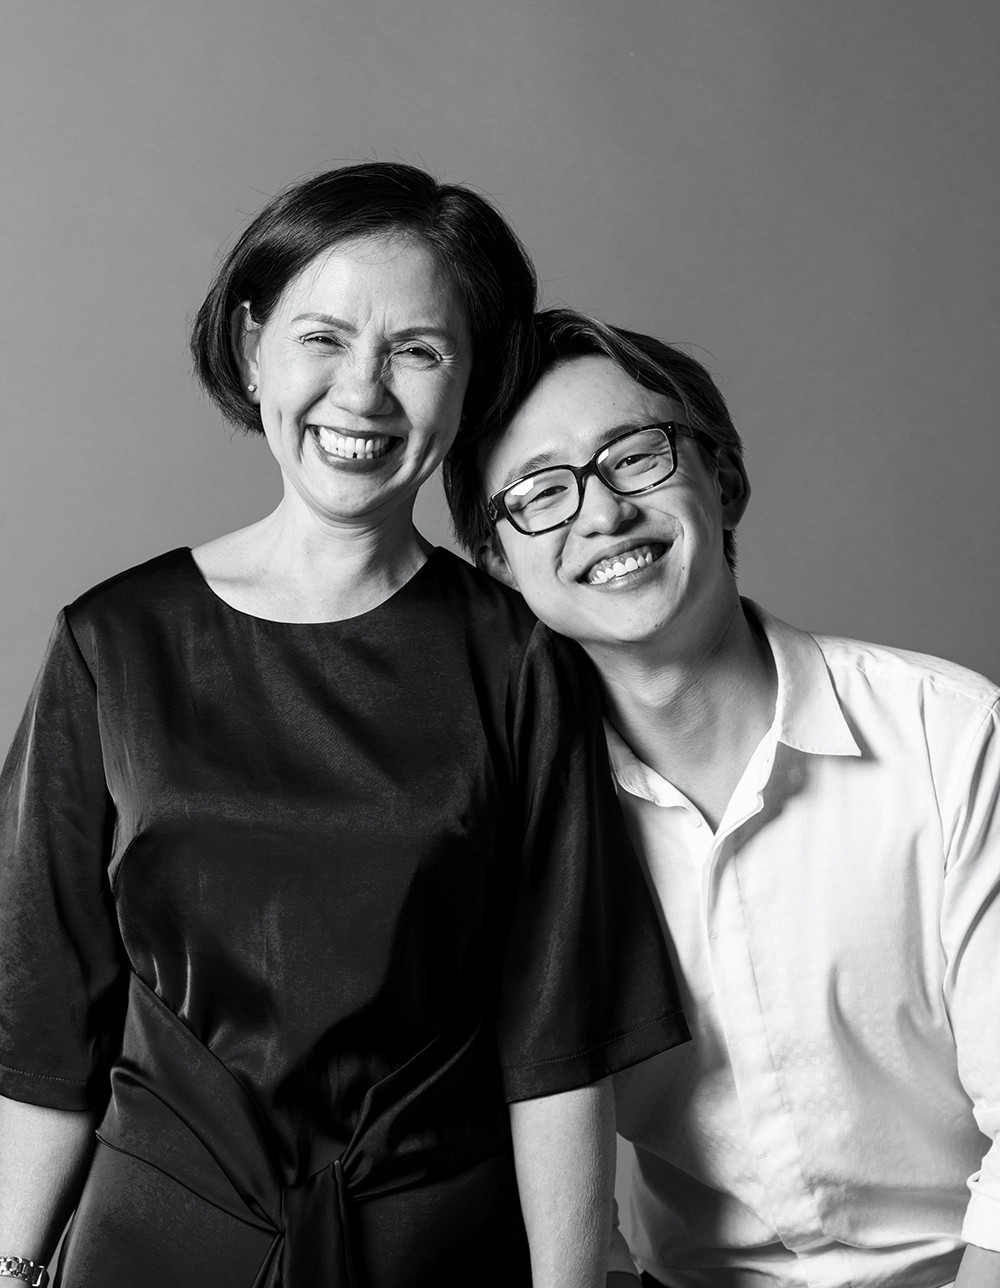 Mẹ MC Quang Bảo chia sẻ về cuộc sống vất vả, nuôi con một mình sau ly hôn - Ảnh 1.